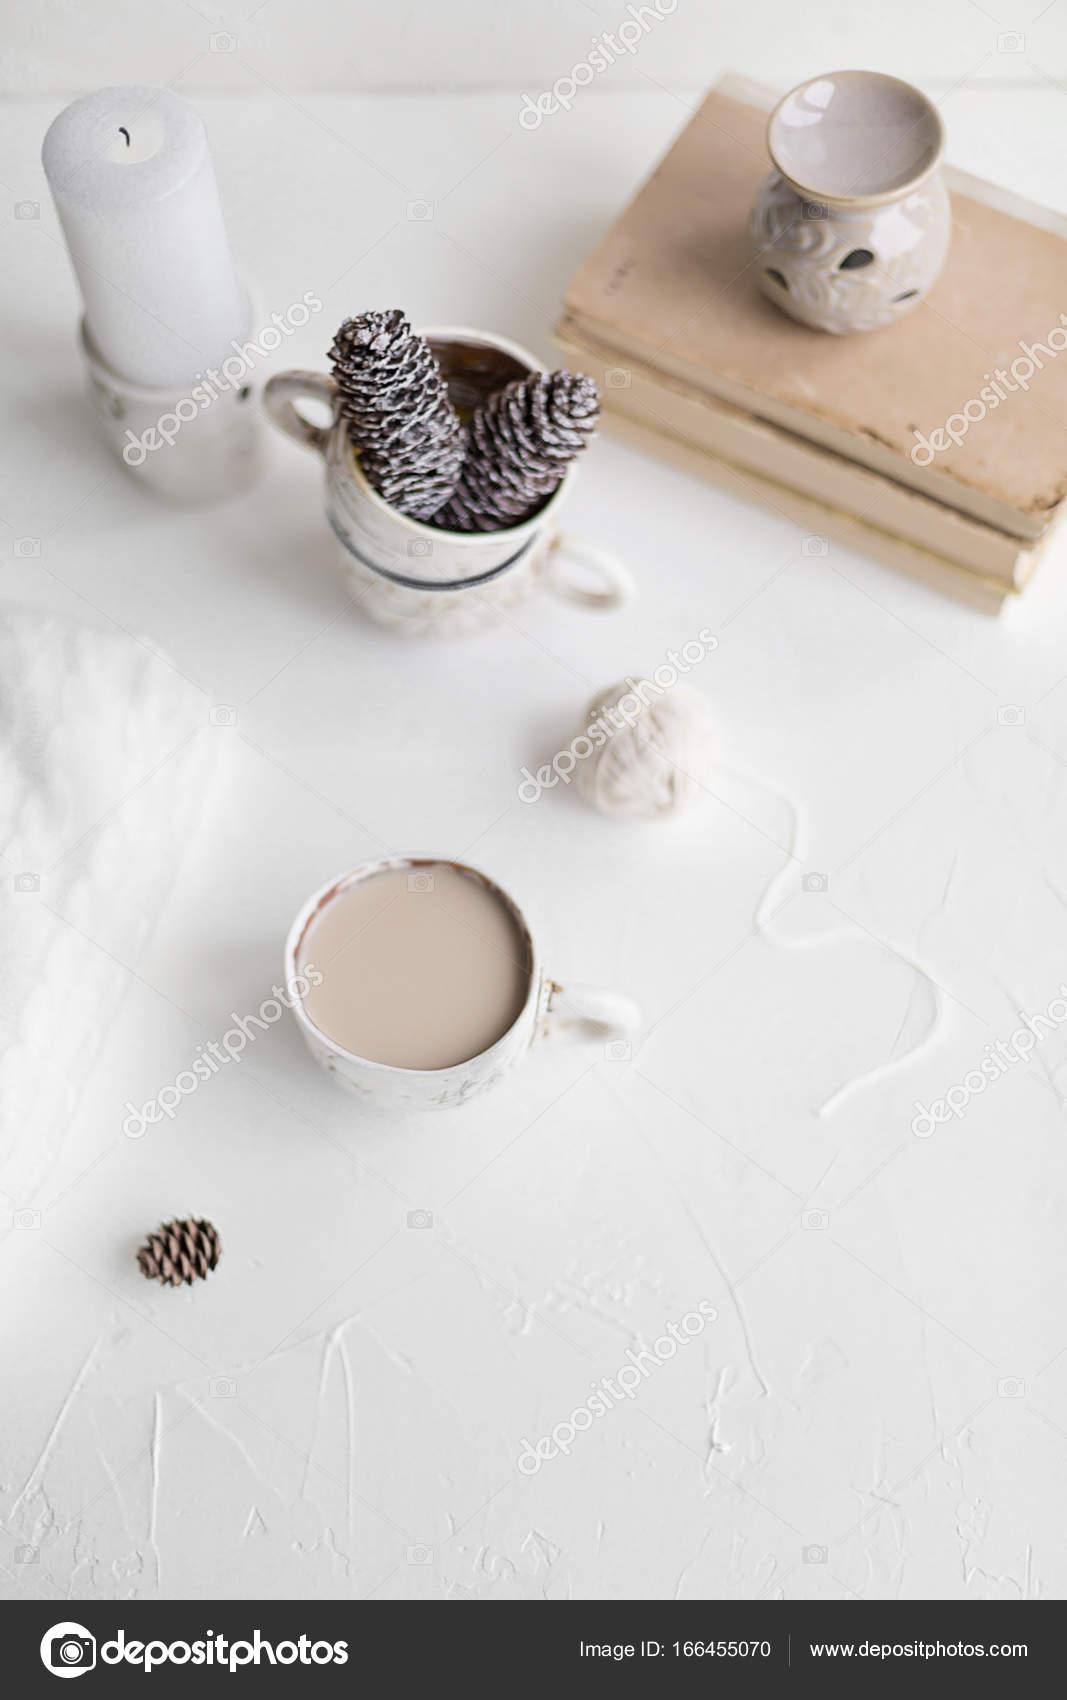 Agradable desayuno con café y leche. Concepto de estilo de vida ...